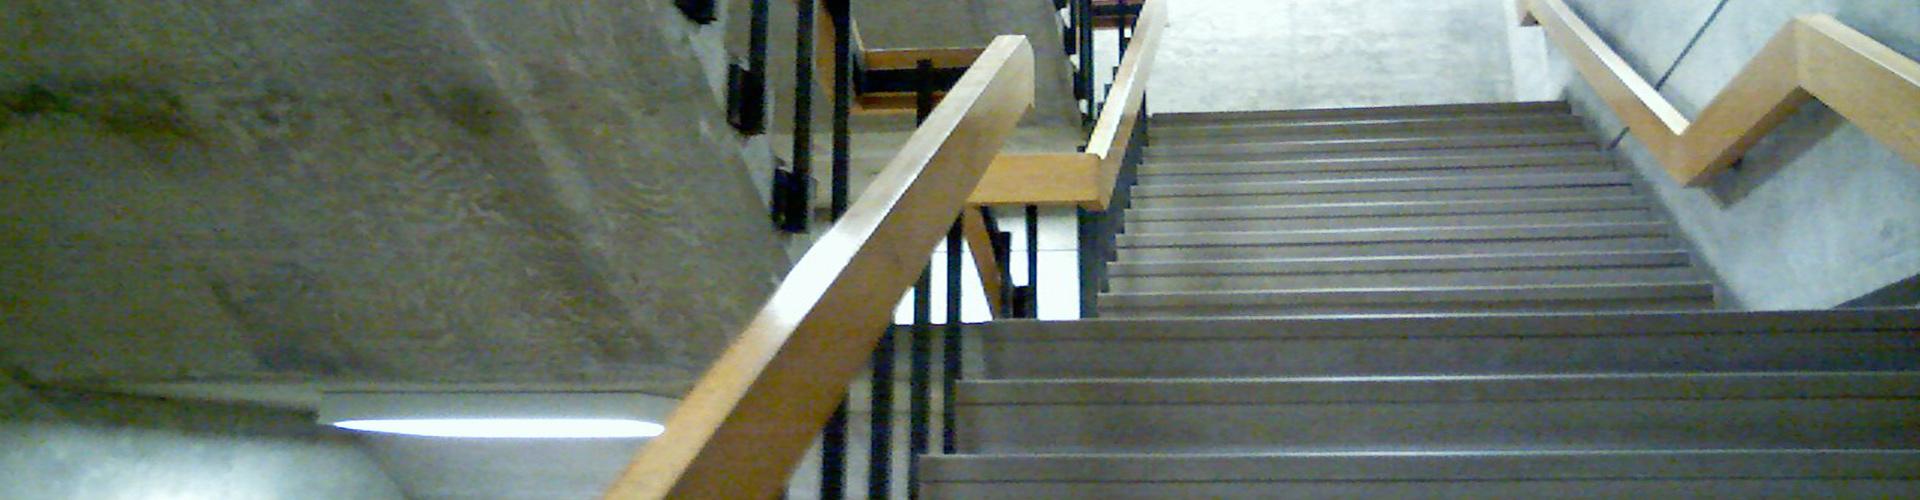 stairwell-pressurisation